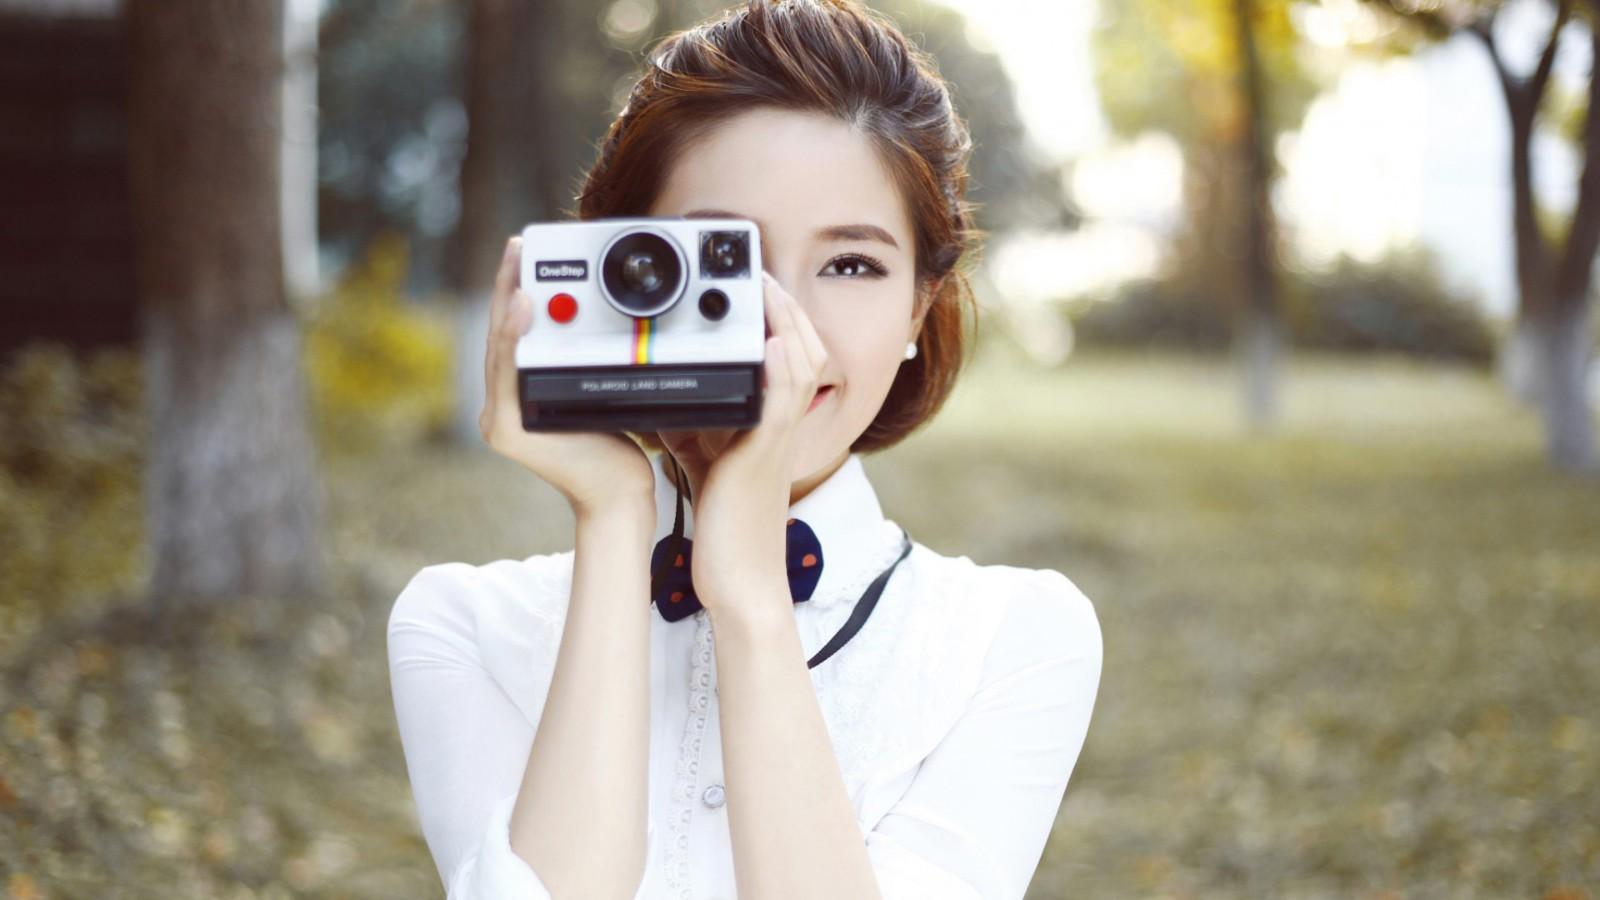 定格的容颜,相机,女孩,小清新,森系美女壁纸